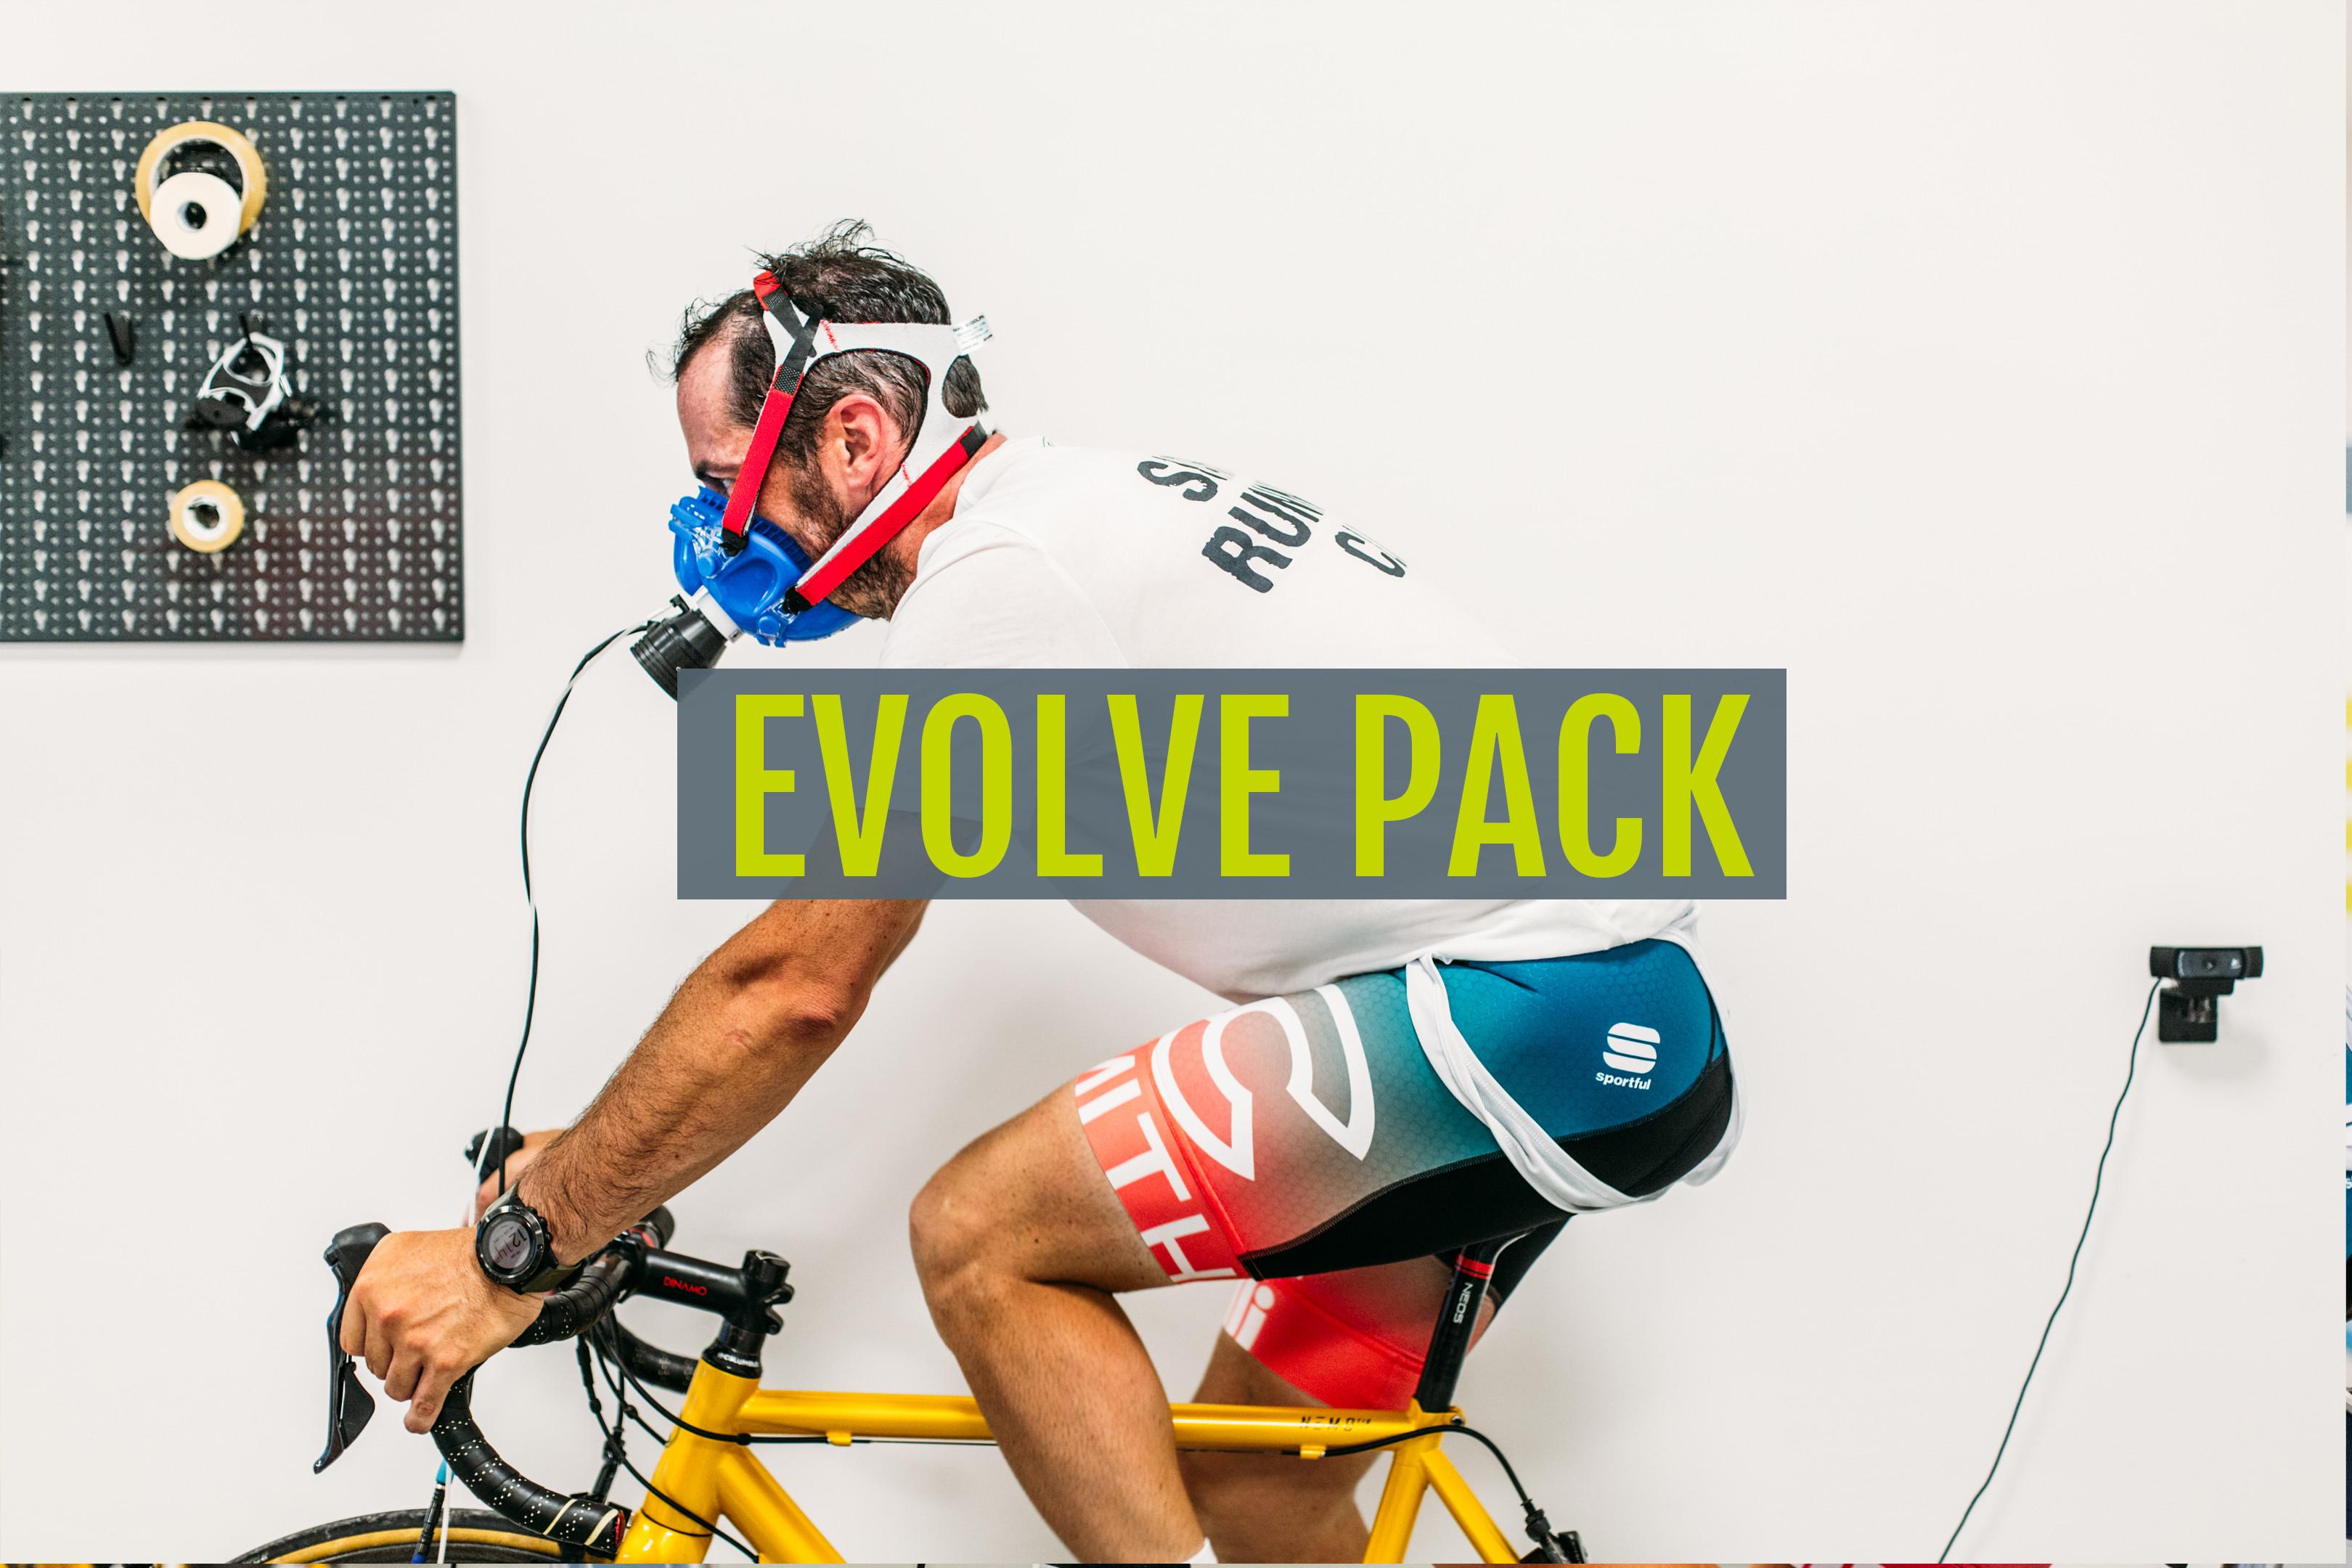 Triathlon - Evolve Pack